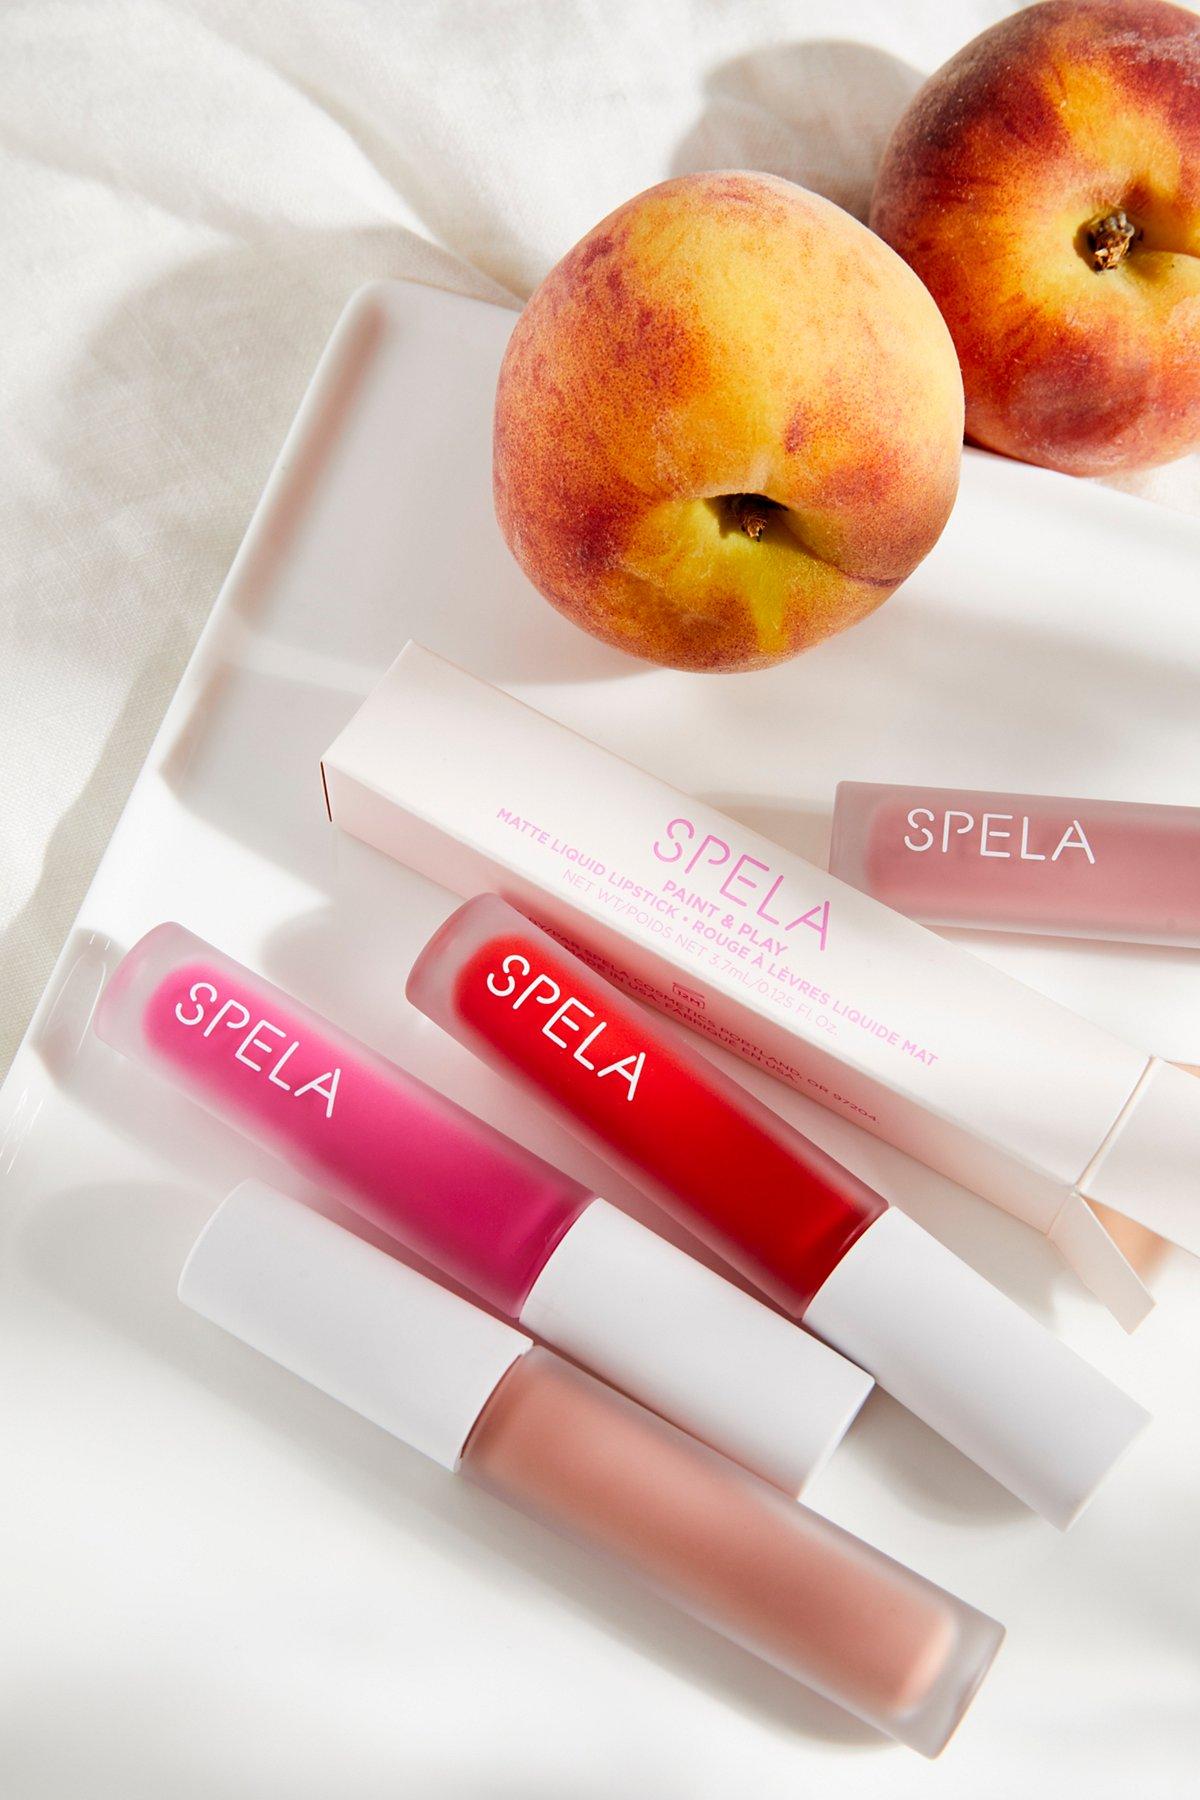 Paint & Play Matte Liquid Lipstick